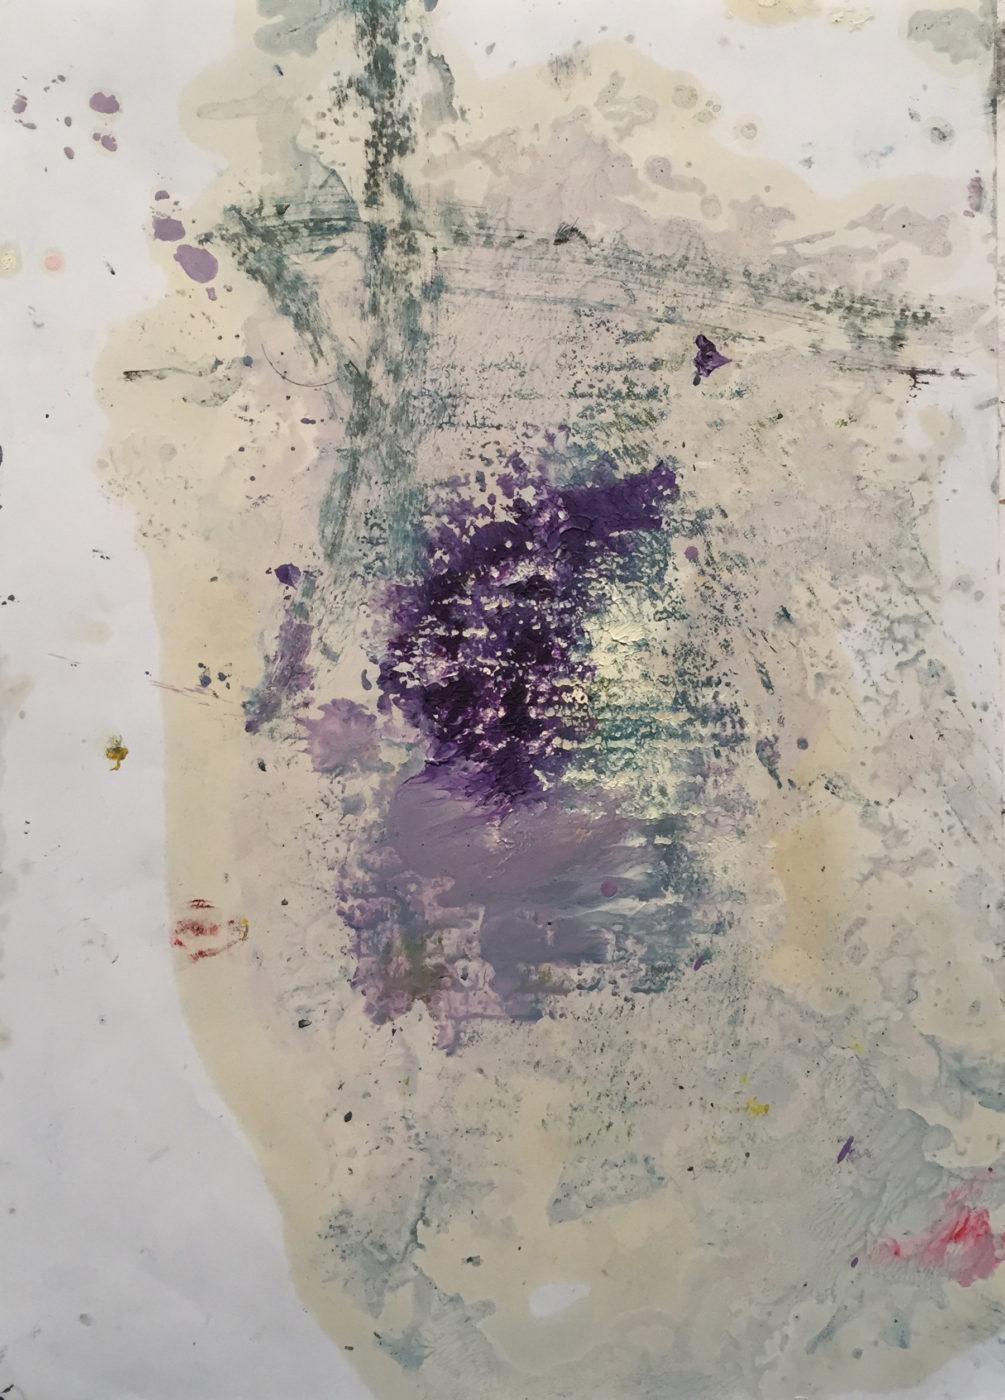 MARC FELD 2017 NEIGE ET FEU 2 (pour Kenneth White) Huile et gouache sur papier 21x29,7 cm